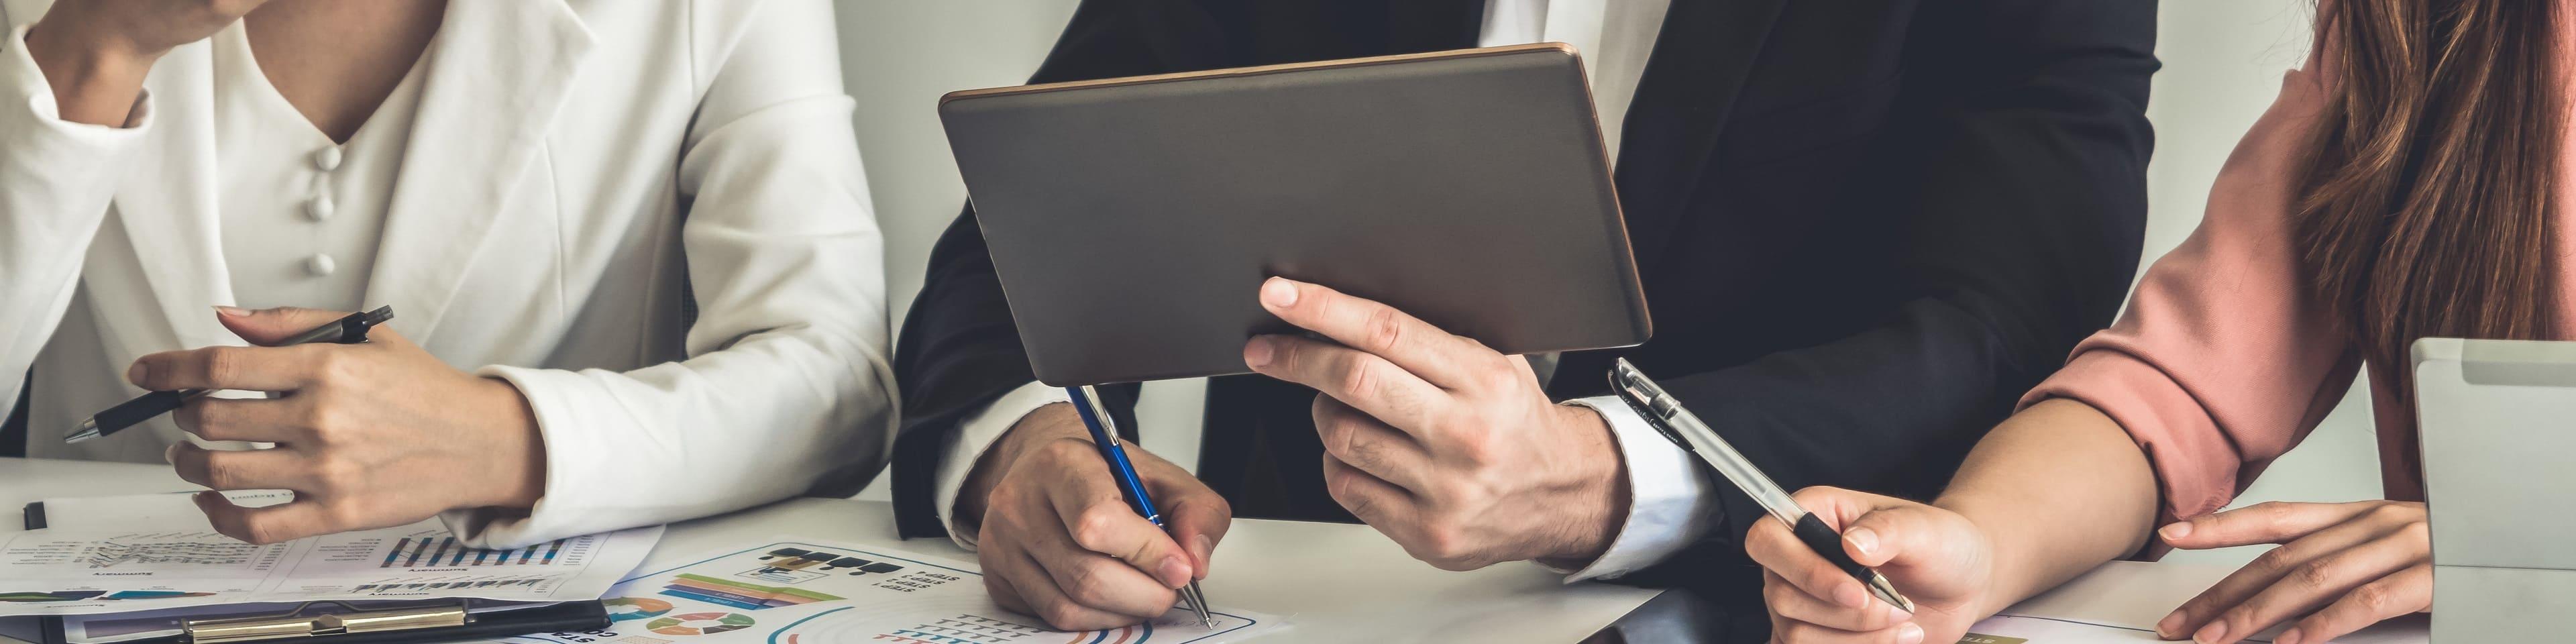 Digitaal samenwerken: hoe krijg je klanten mee met digitalisering?